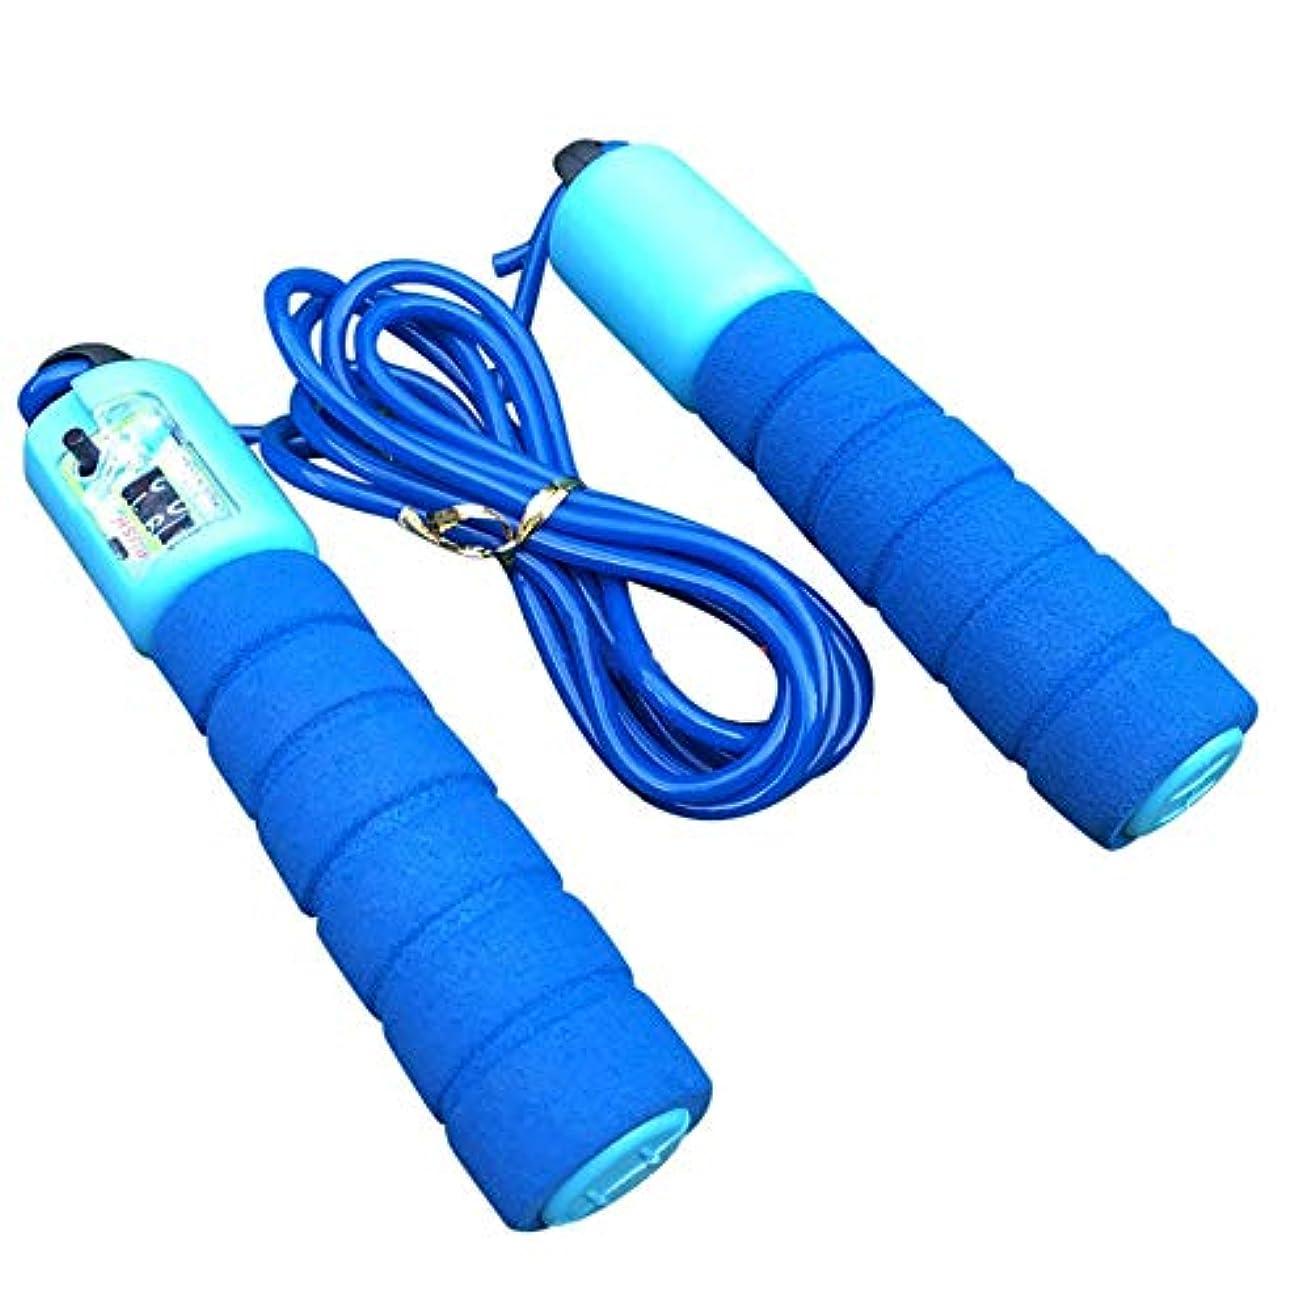 疎外するもちろんなる調整可能なプロフェッショナルカウント縄跳び自動カウントジャンプロープフィットネス運動高速カウントジャンプロープ - 青